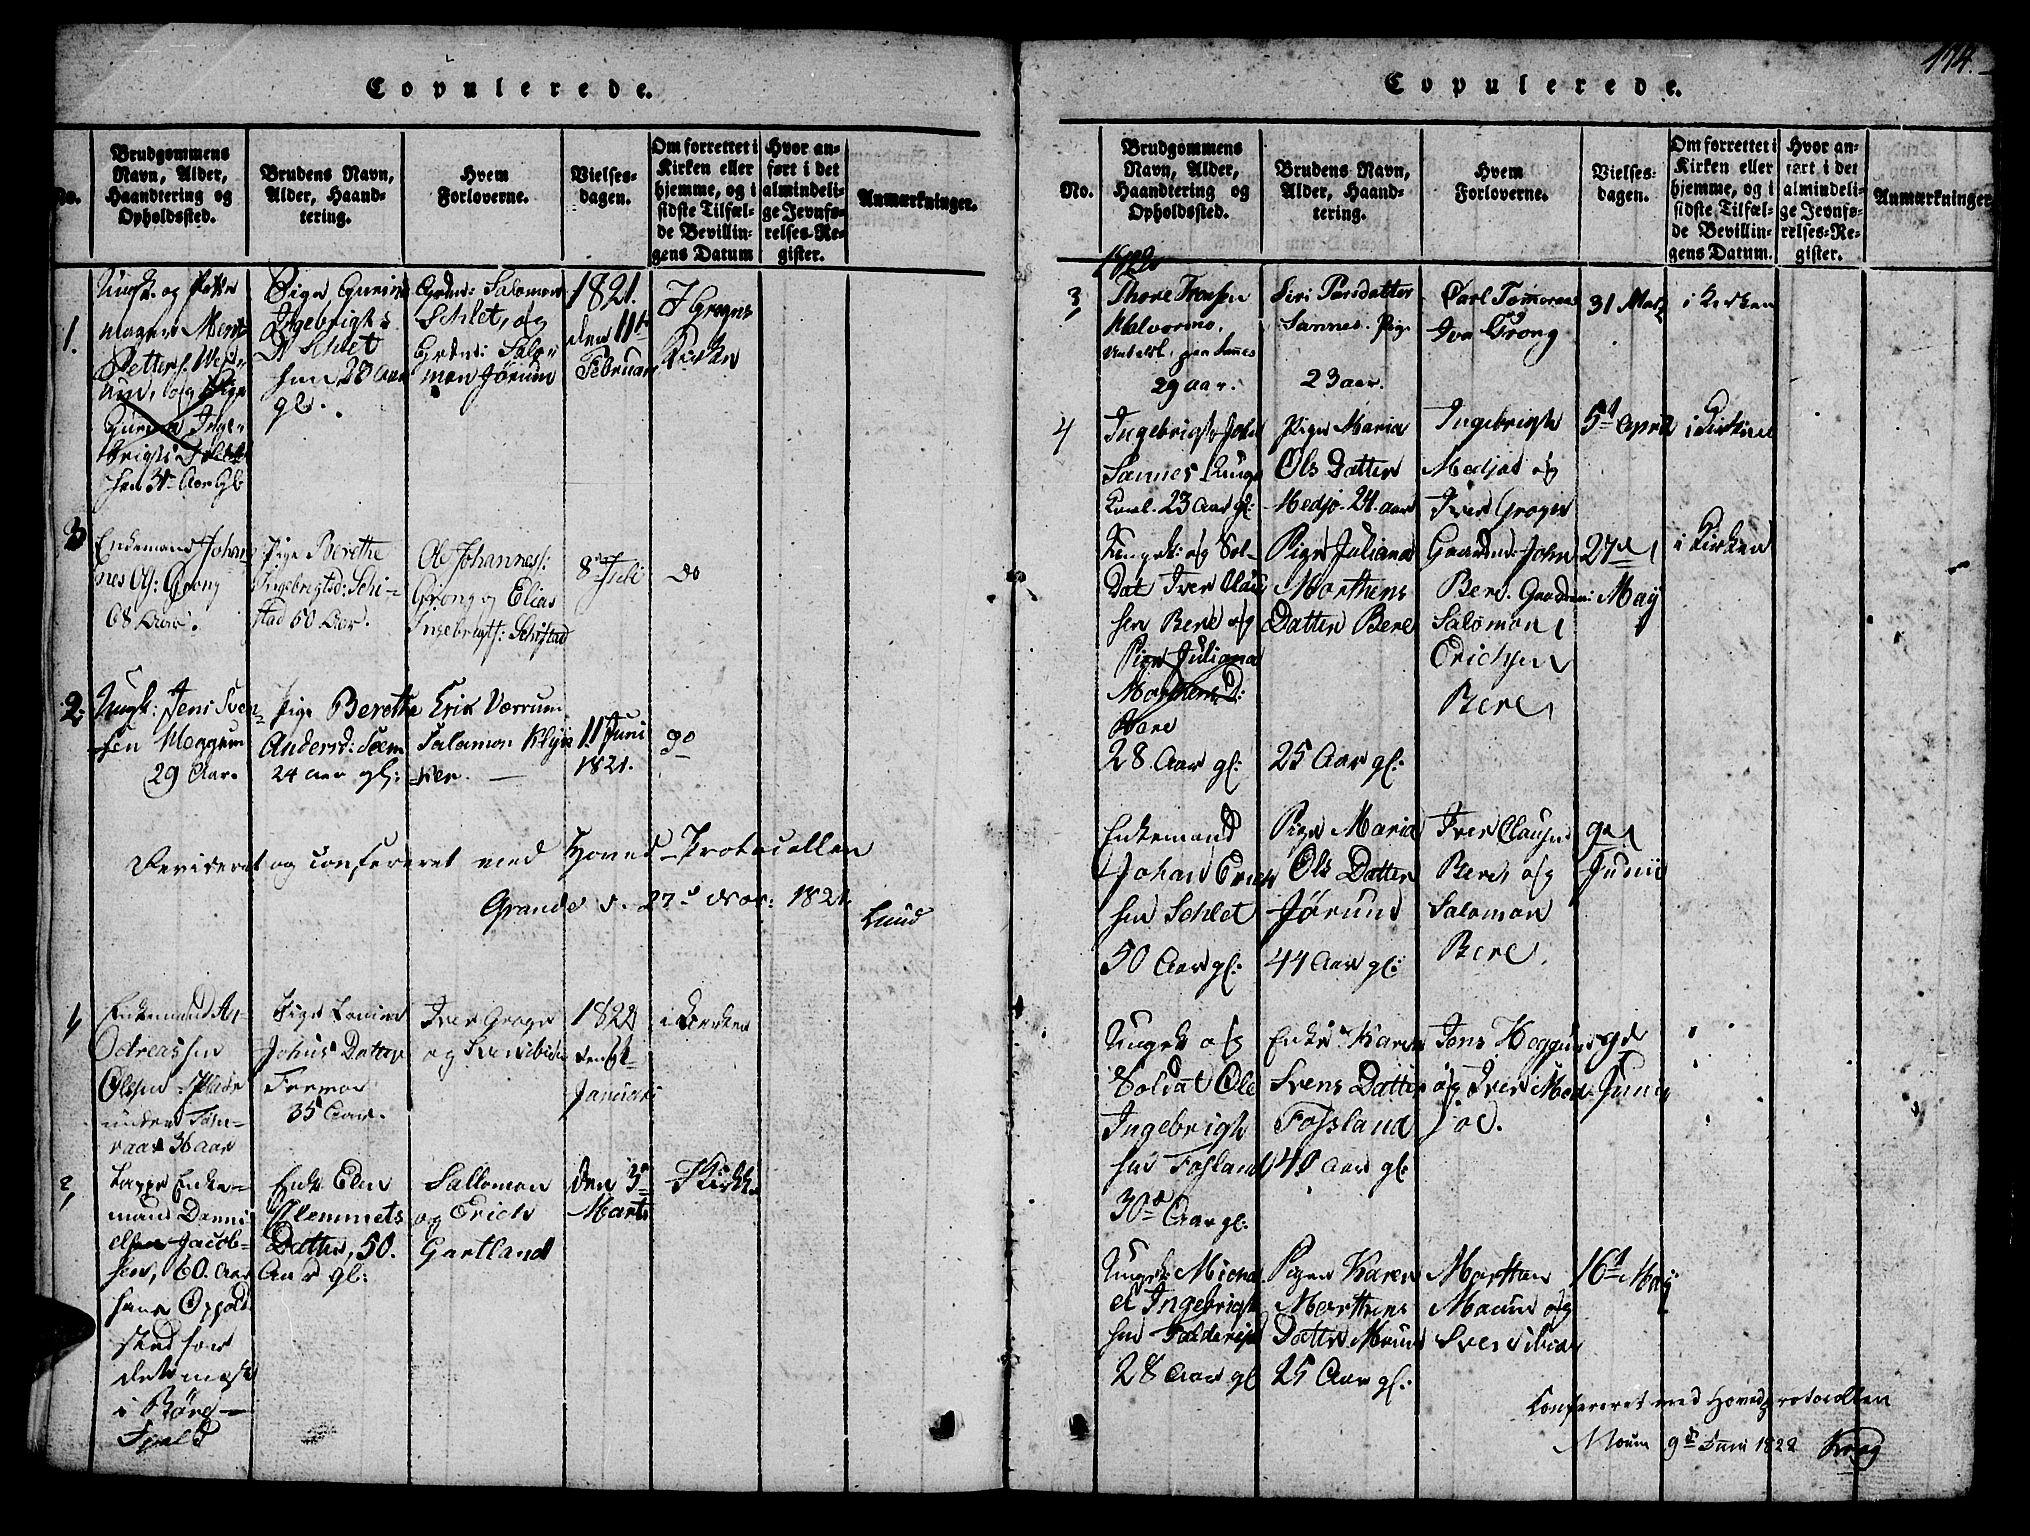 SAT, Ministerialprotokoller, klokkerbøker og fødselsregistre - Nord-Trøndelag, 758/L0521: Klokkerbok nr. 758C01, 1816-1825, s. 114